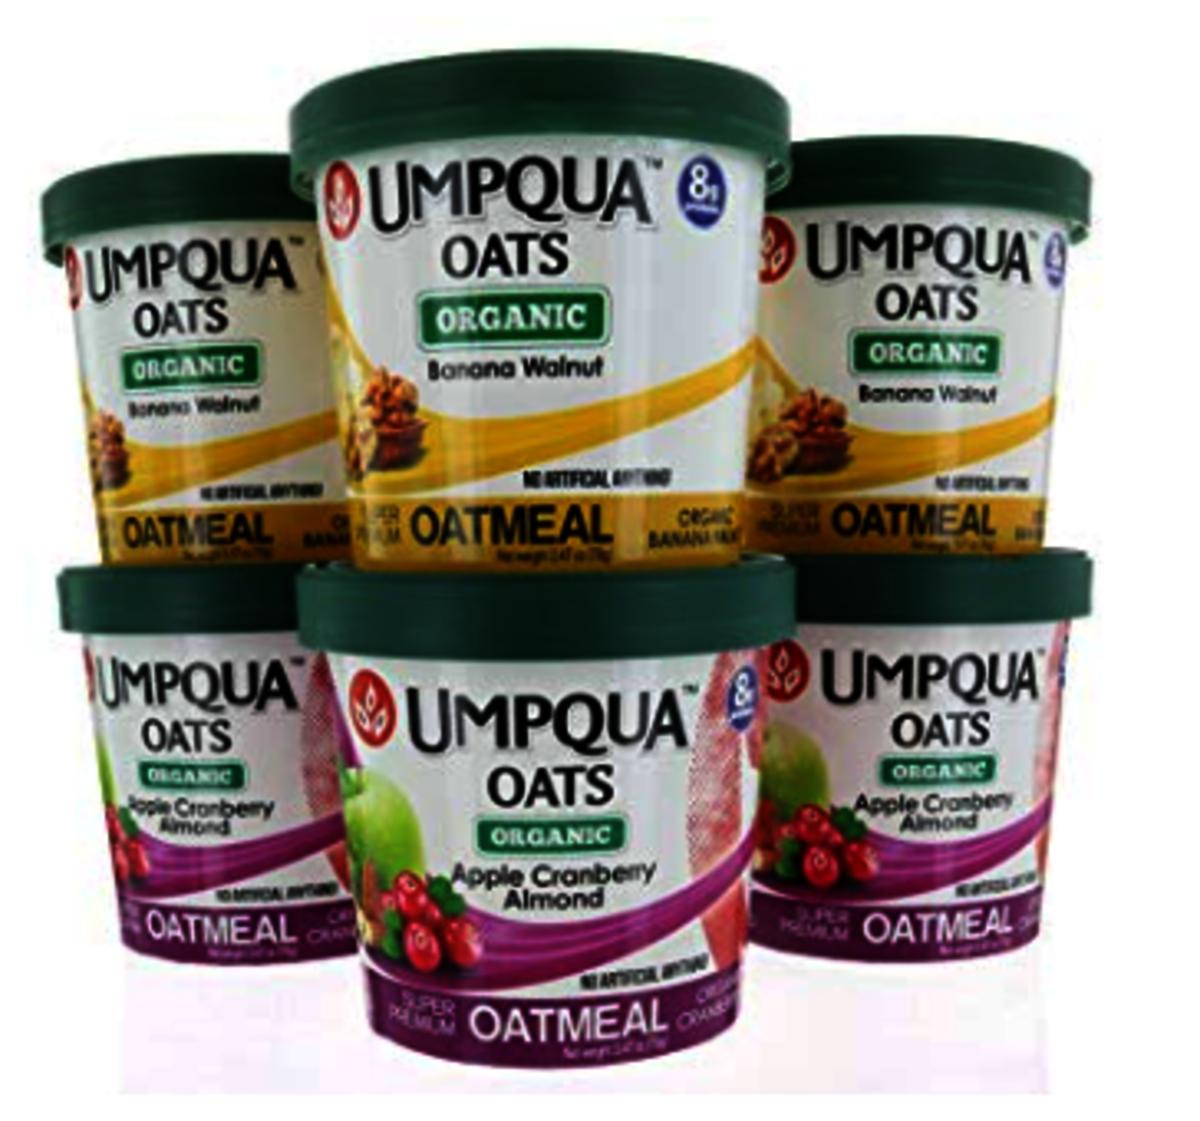 美國有機即食燕麥片  Umpqua 6 x 70g